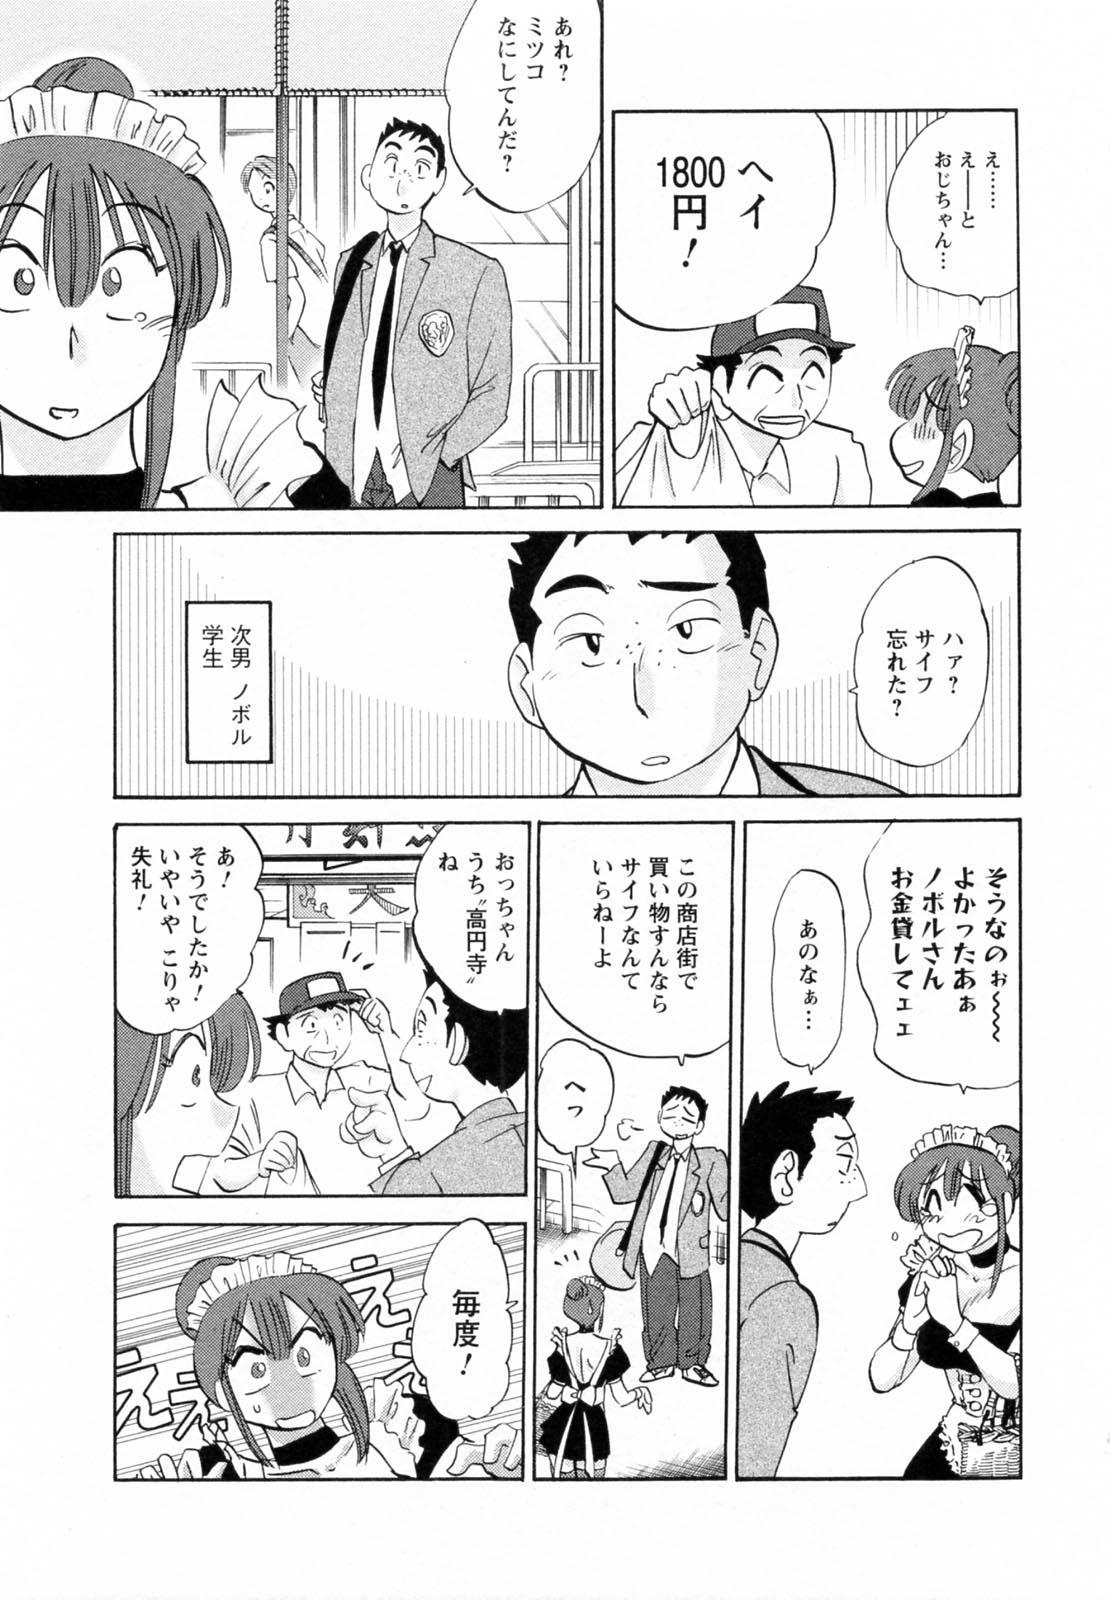 Maid no Mitsukosan Vol.1 56